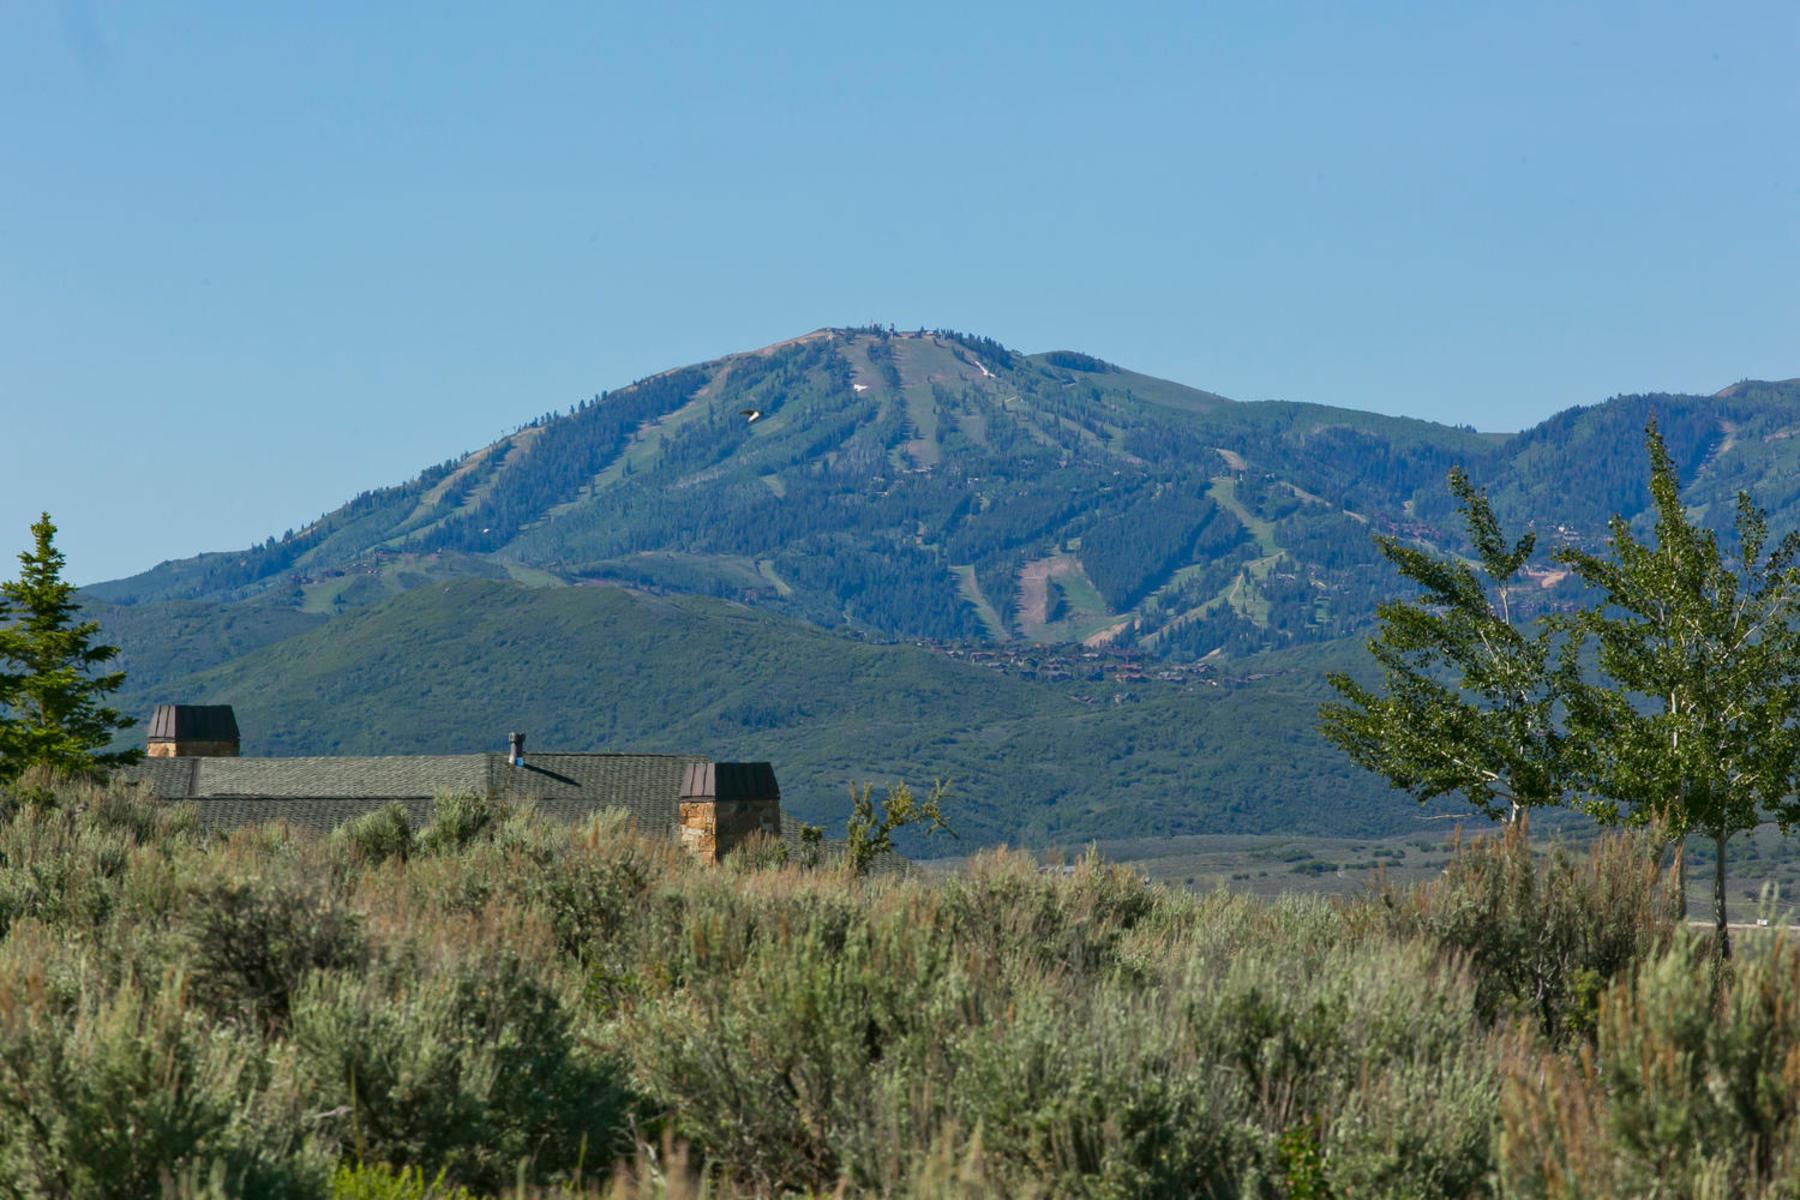 Terreno por un Venta en Premium Promontory Homesite 7991 N West Hills Trl Lot 2 Park City, Utah, 84098 Estados Unidos